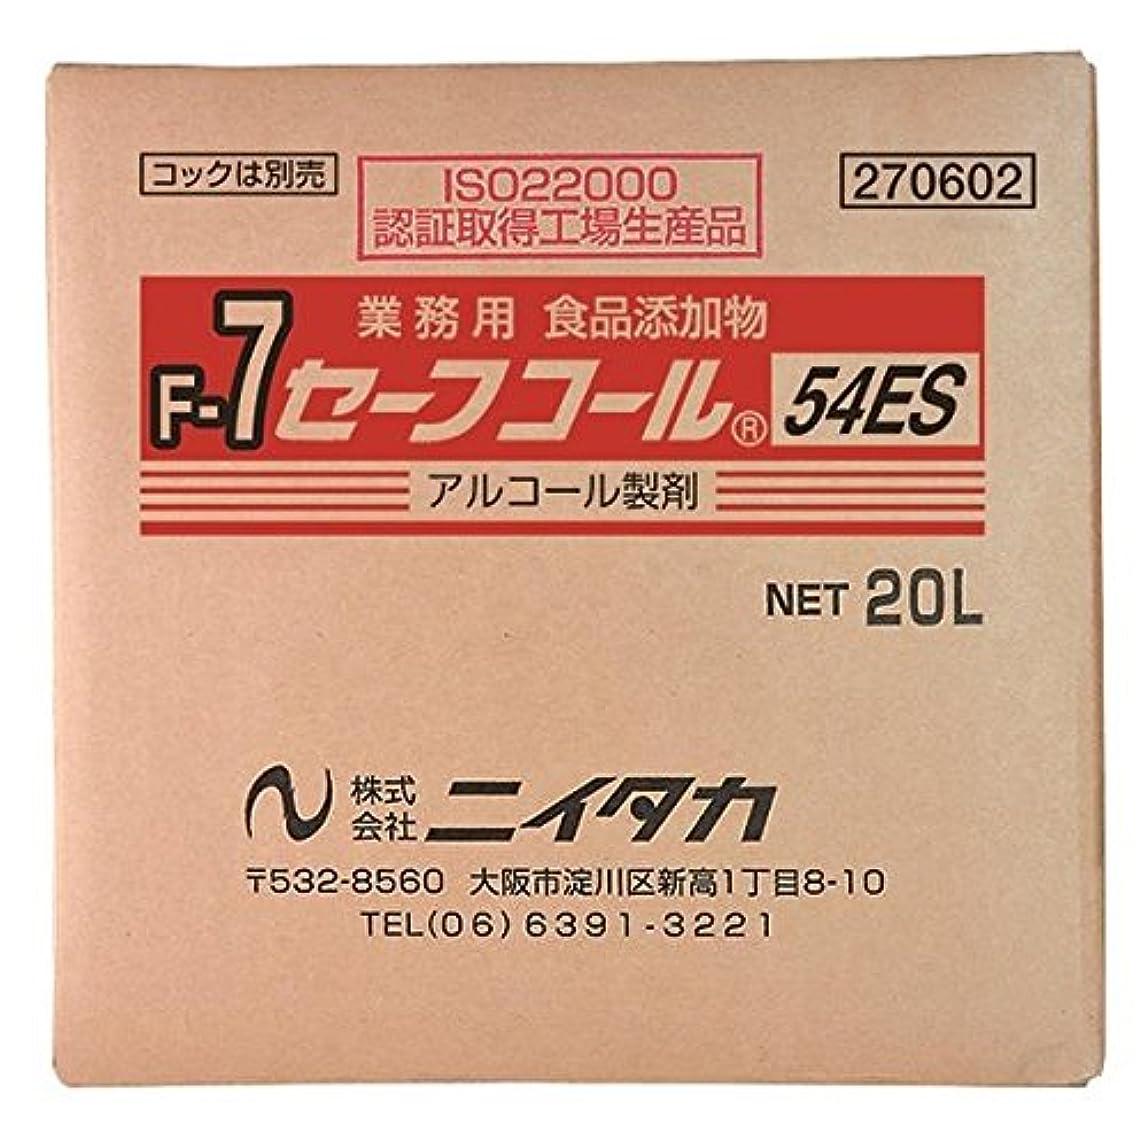 運営真向こう弾性ニイタカ:セーフコール54ES(F-7) 20L(BIB) 270602